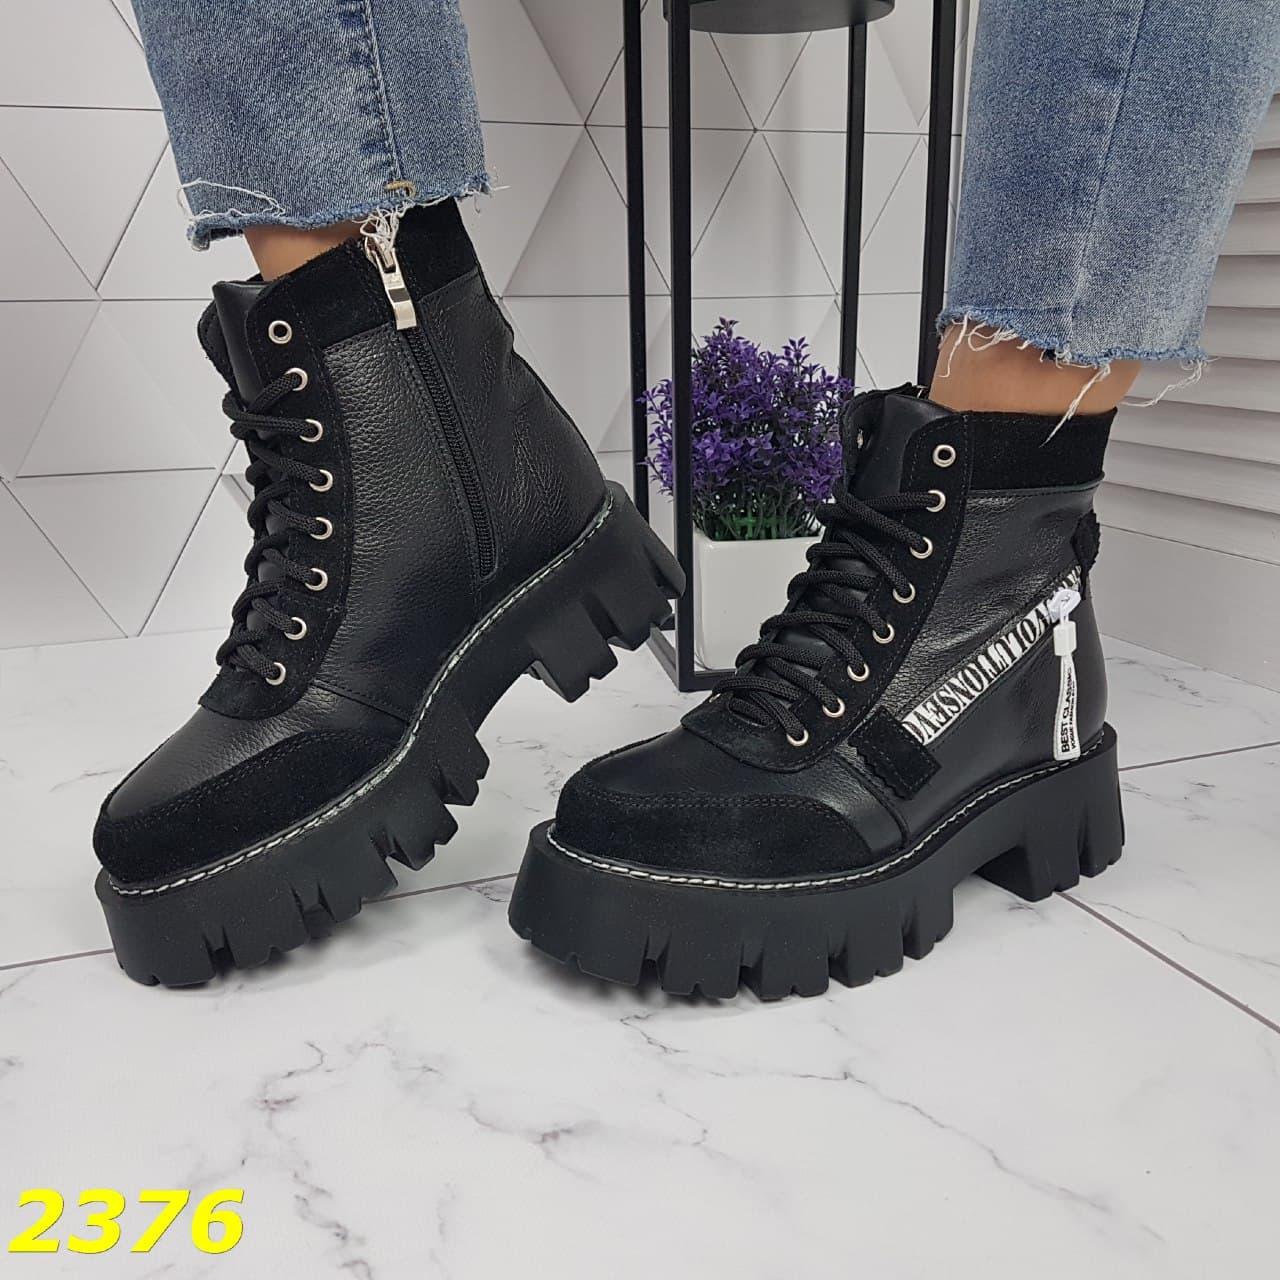 зимние ботинки, ботинки на высокой подошве